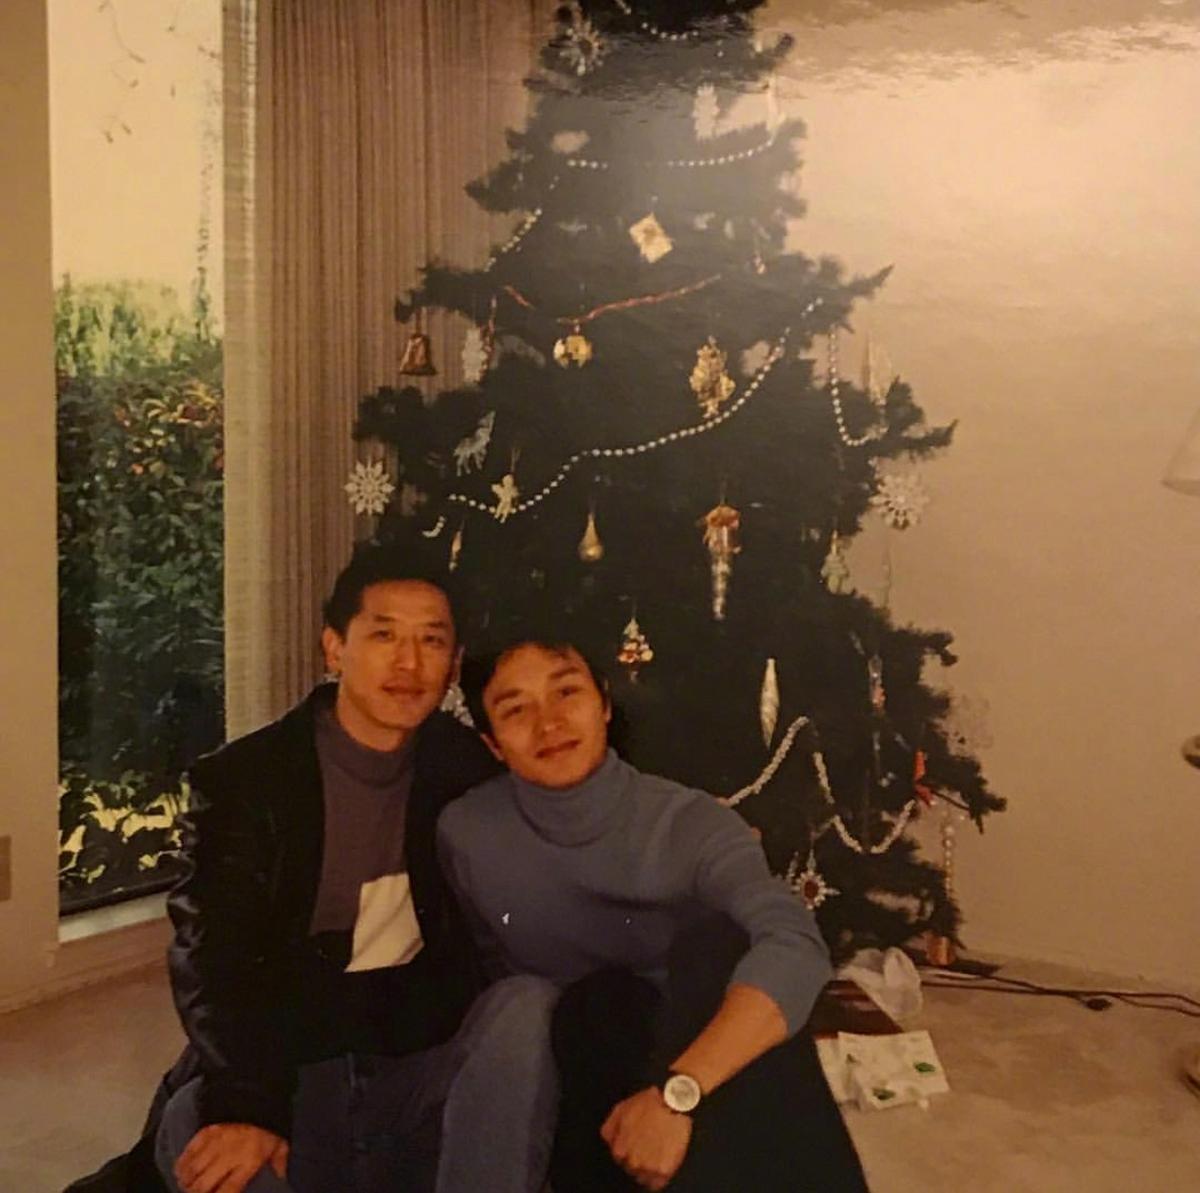 張國榮逝世16周年   唐唐以歌寄情思念摯愛